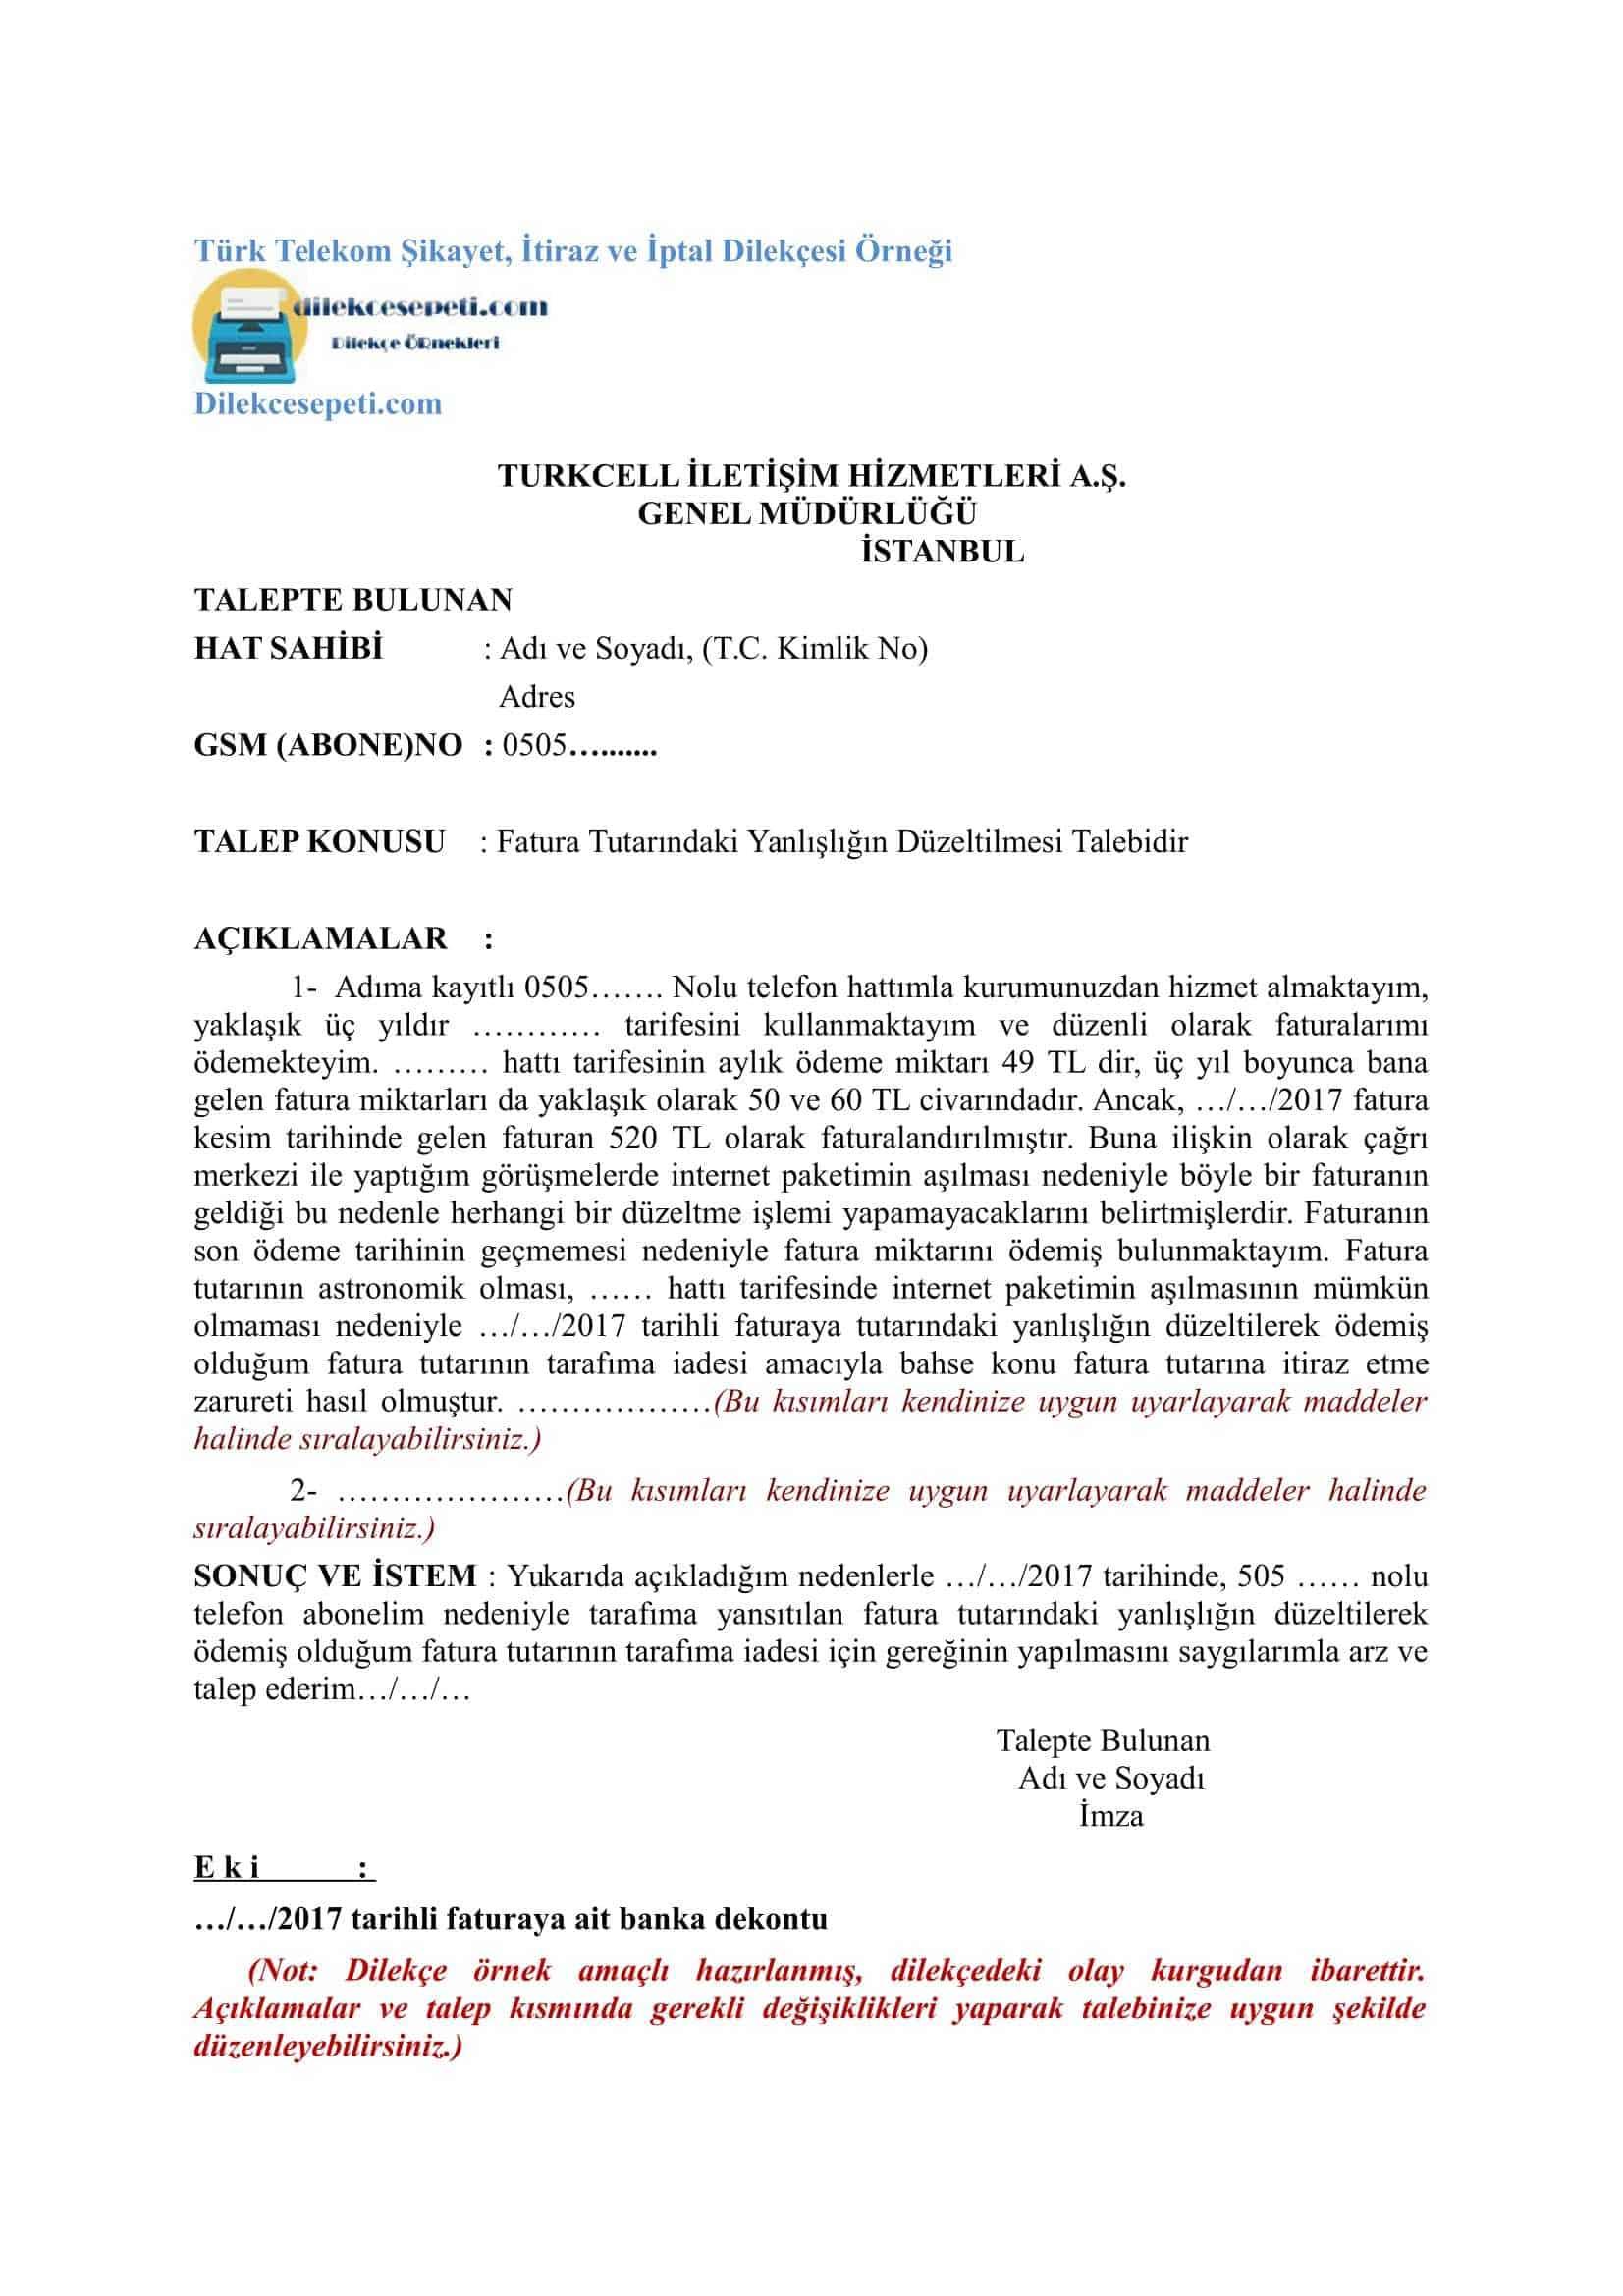 Turk Telekom Internet Aboneligi Iptal Dilekce Ornegi